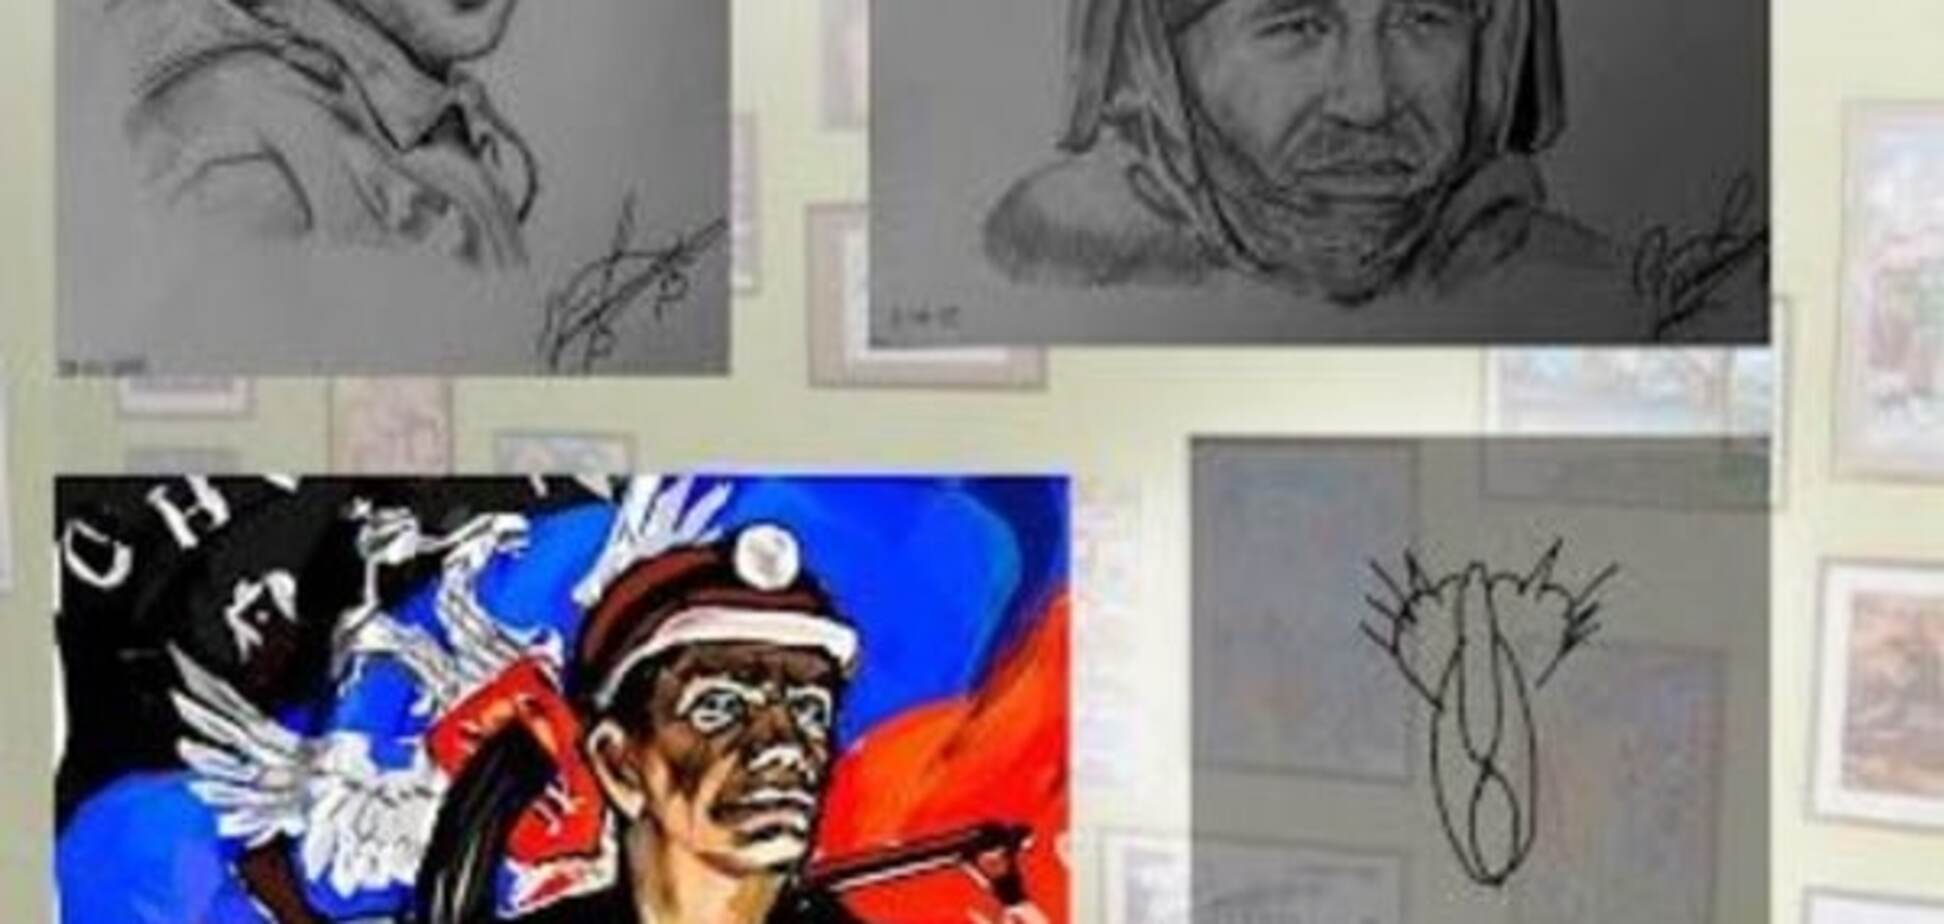 Путін з картиною 'Кішка' став зіркою виставки душевно-хворих у 'ДНР'